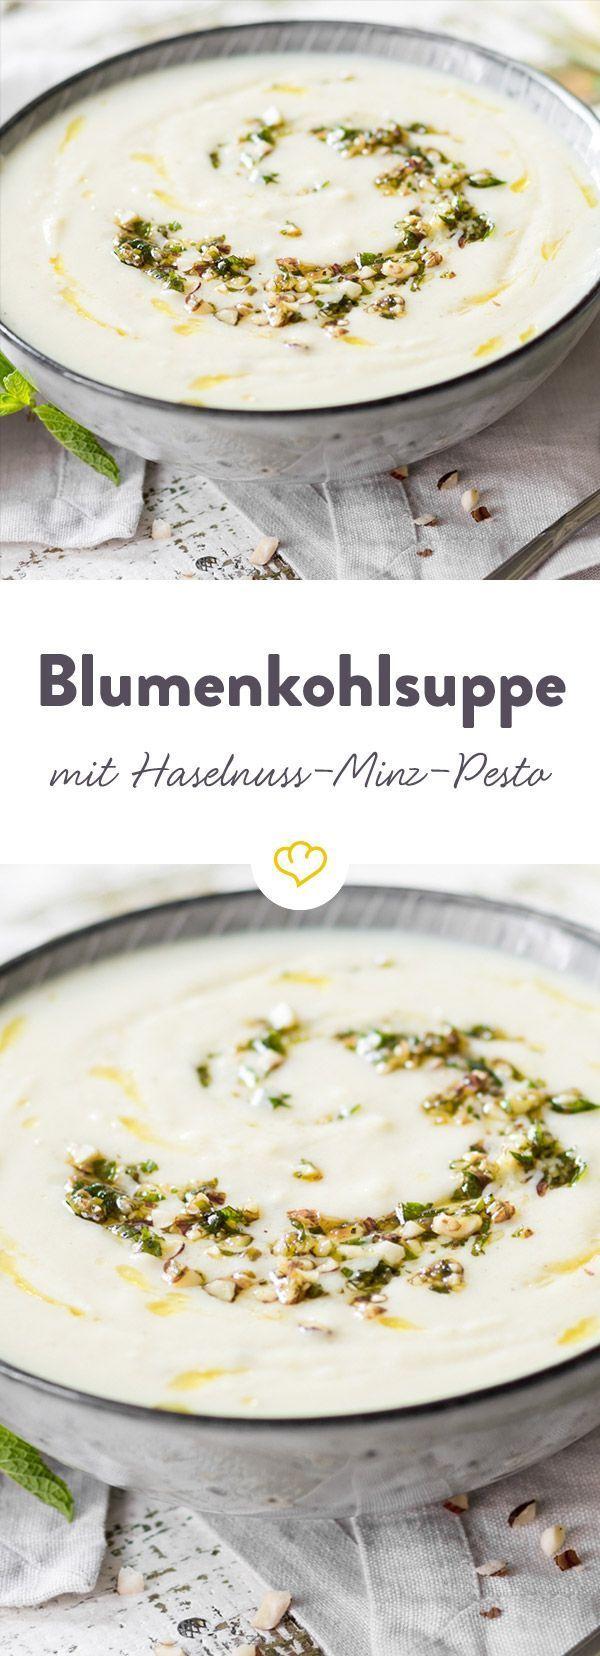 Blumenkohl sorgt für die Gemüsegrundlage, Mandelmilch für die Cremigkeit. Das besondere Extra - ein Pesto aus frischer Minze, Haselnüssen und Olivenöl.